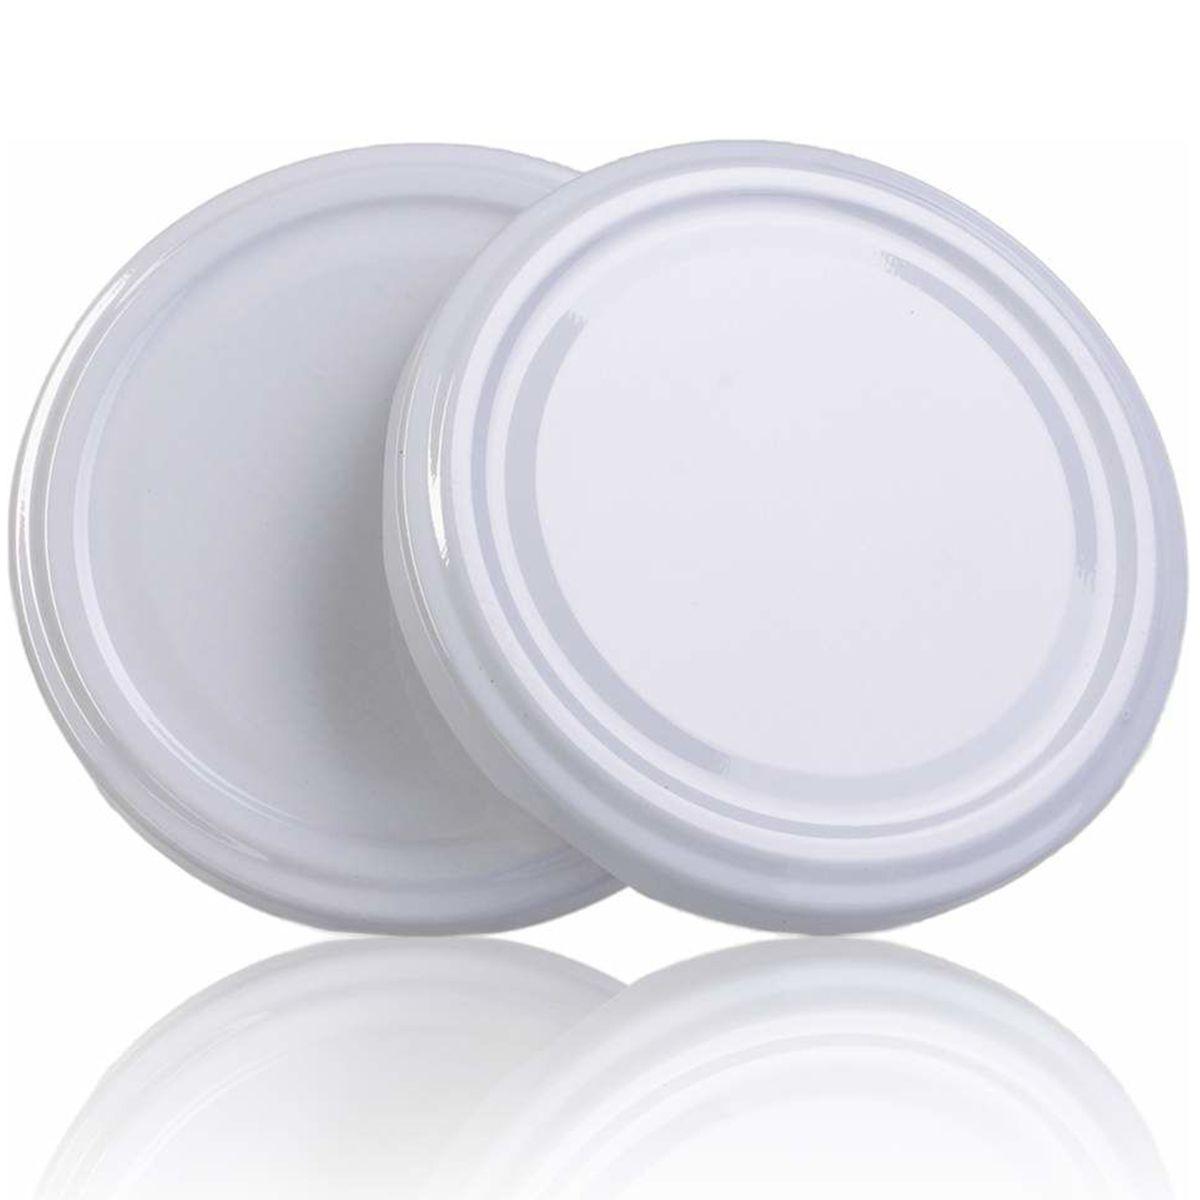 96 Potes De Vidro Conserva 268 Ml Com Tampa Branca + Lacre  - EMPÓRIO PACK